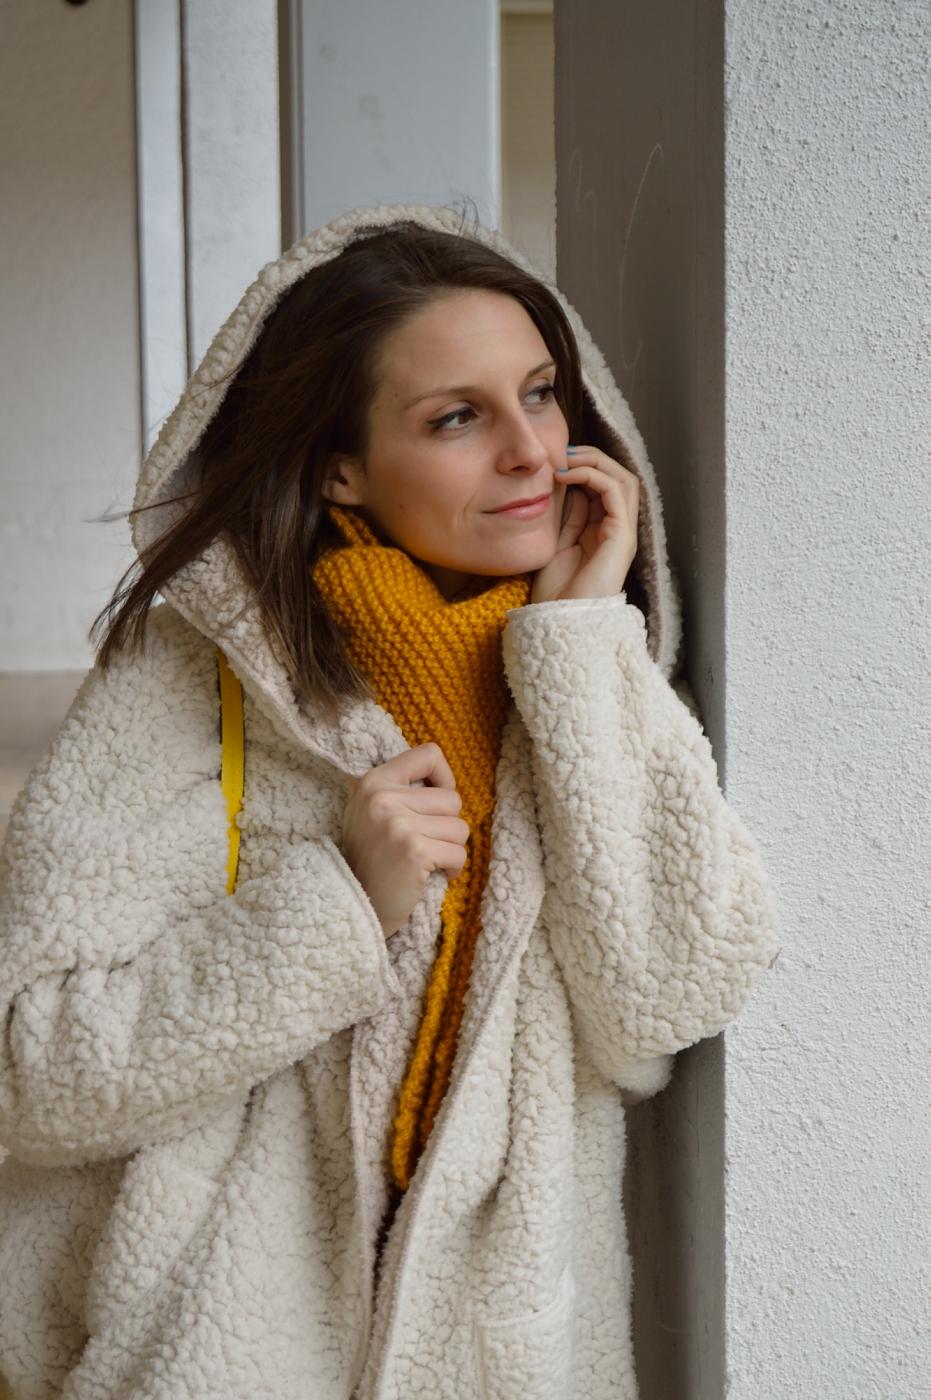 lara-vazquez-madlula-style-streetstyle-look-ootd-fashion